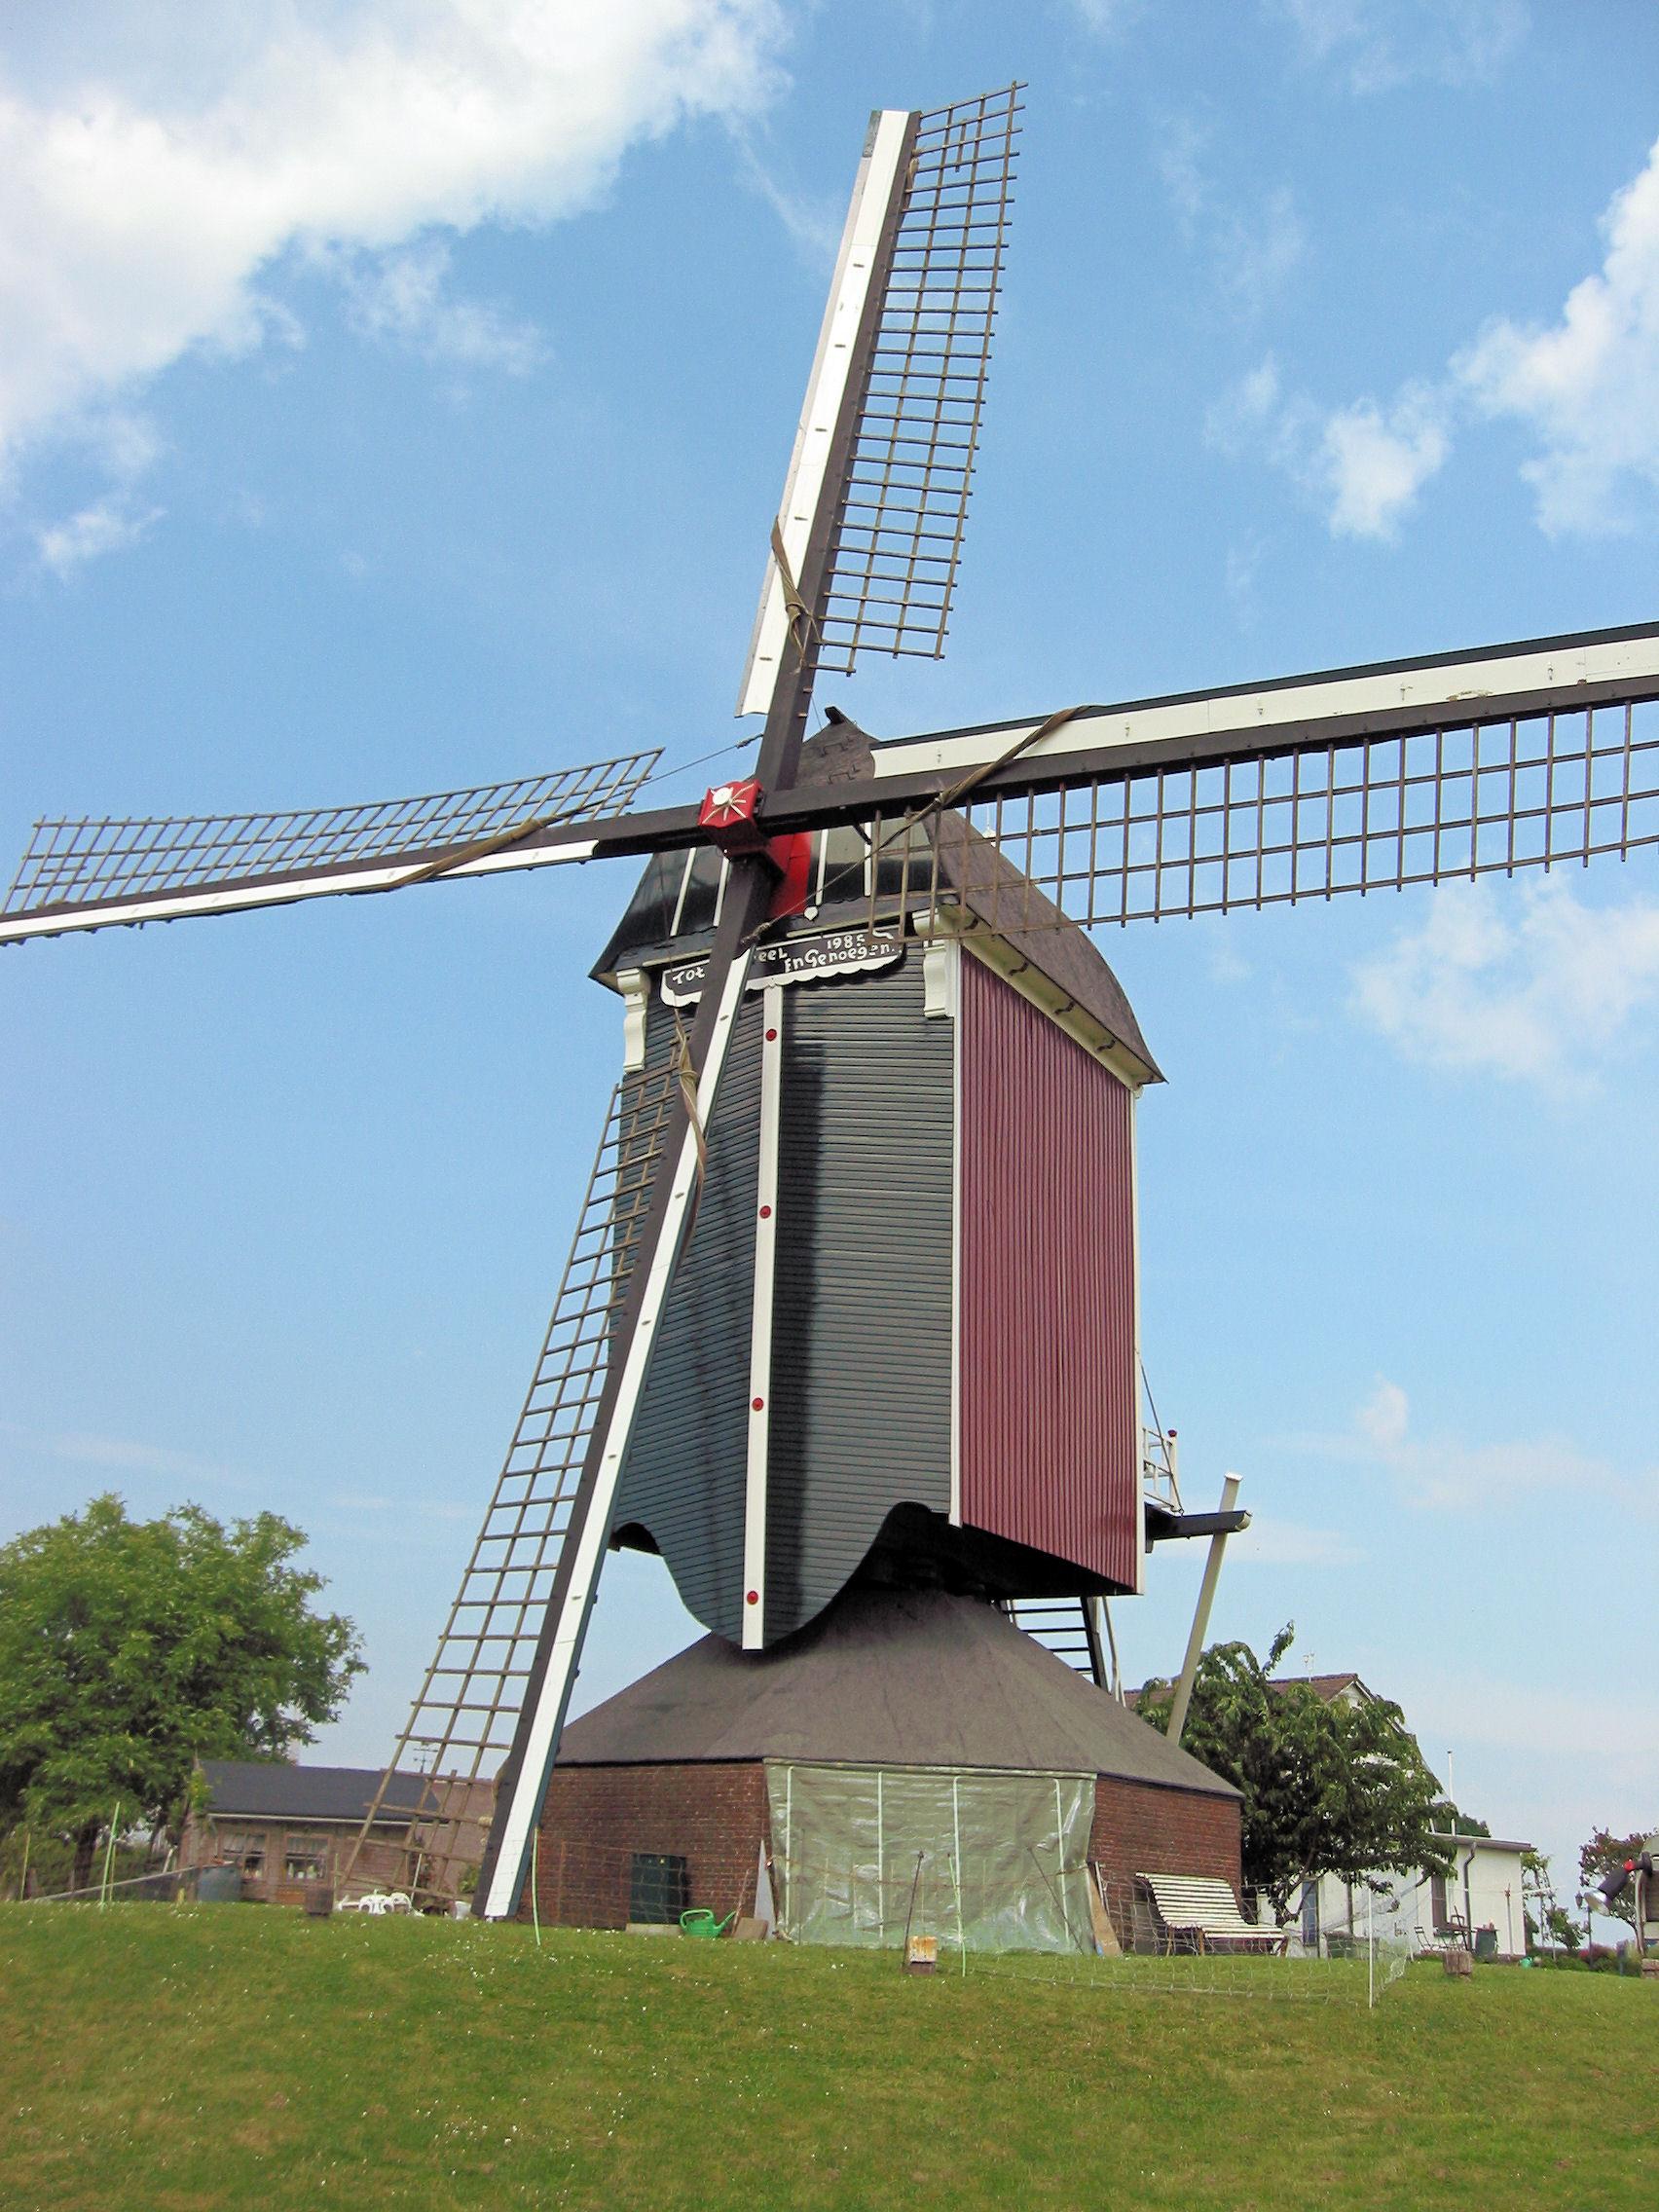 Tot Voordeel en Genoegen (1798) in Alphen, Gelderland, in the Netherlands. Photo taken on June 2, 2008.